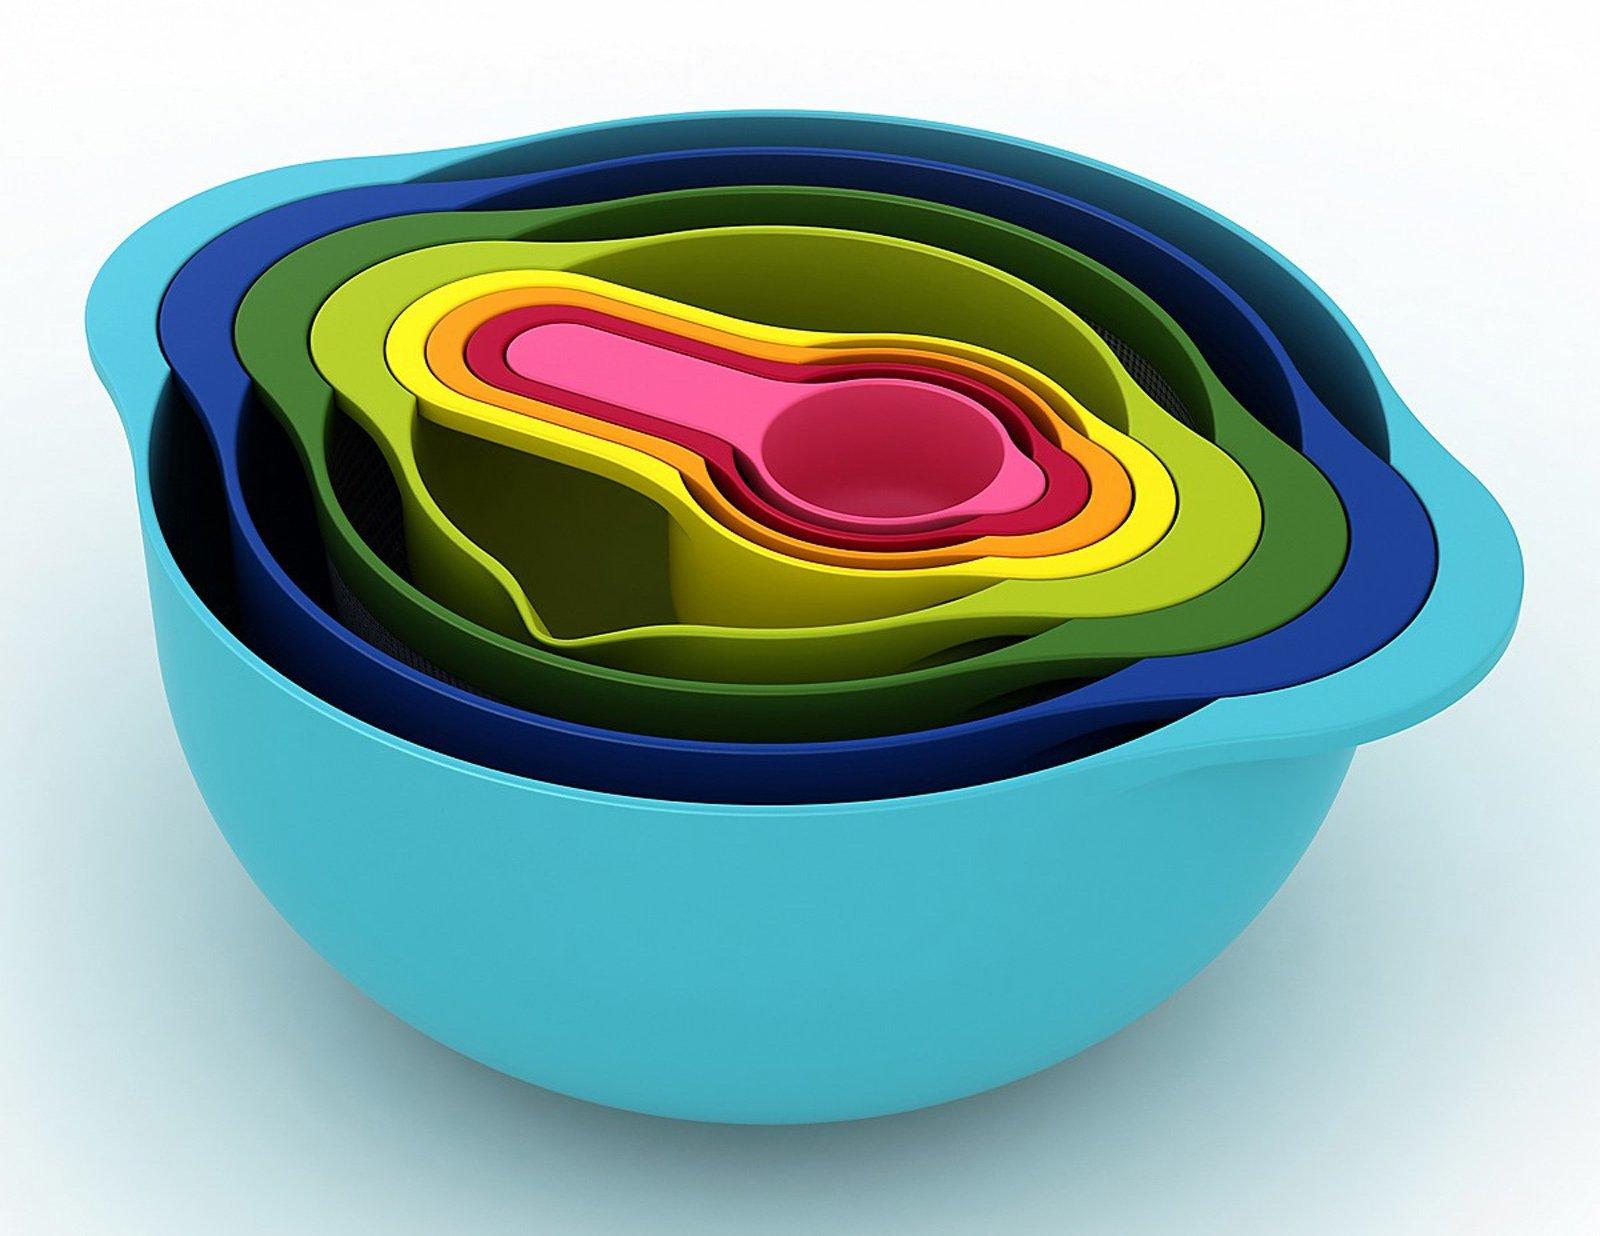 La Serie Nest è La Collezione Di Utensili Da Cucina Pratici E  #757809 1600 1236 Utensili Da Cucina Disegni